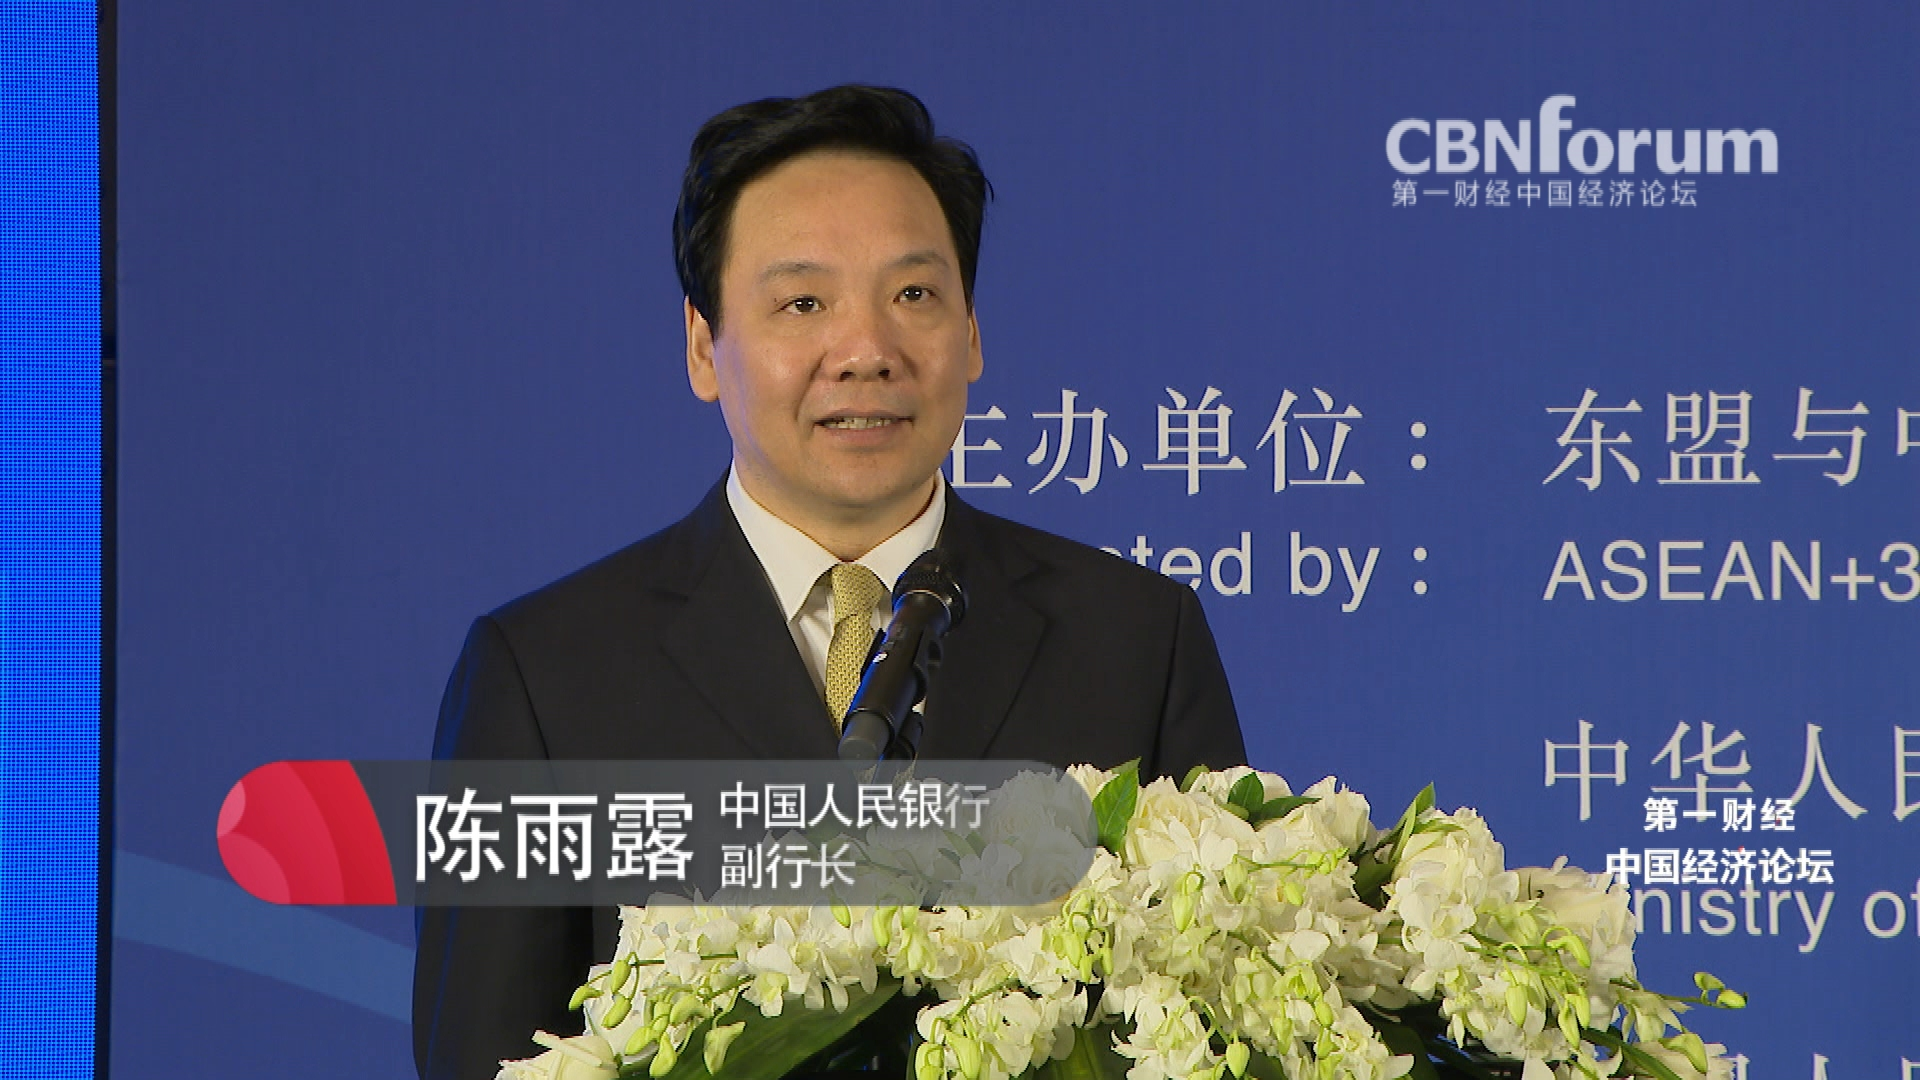 陈雨露 中国人民银行副行长